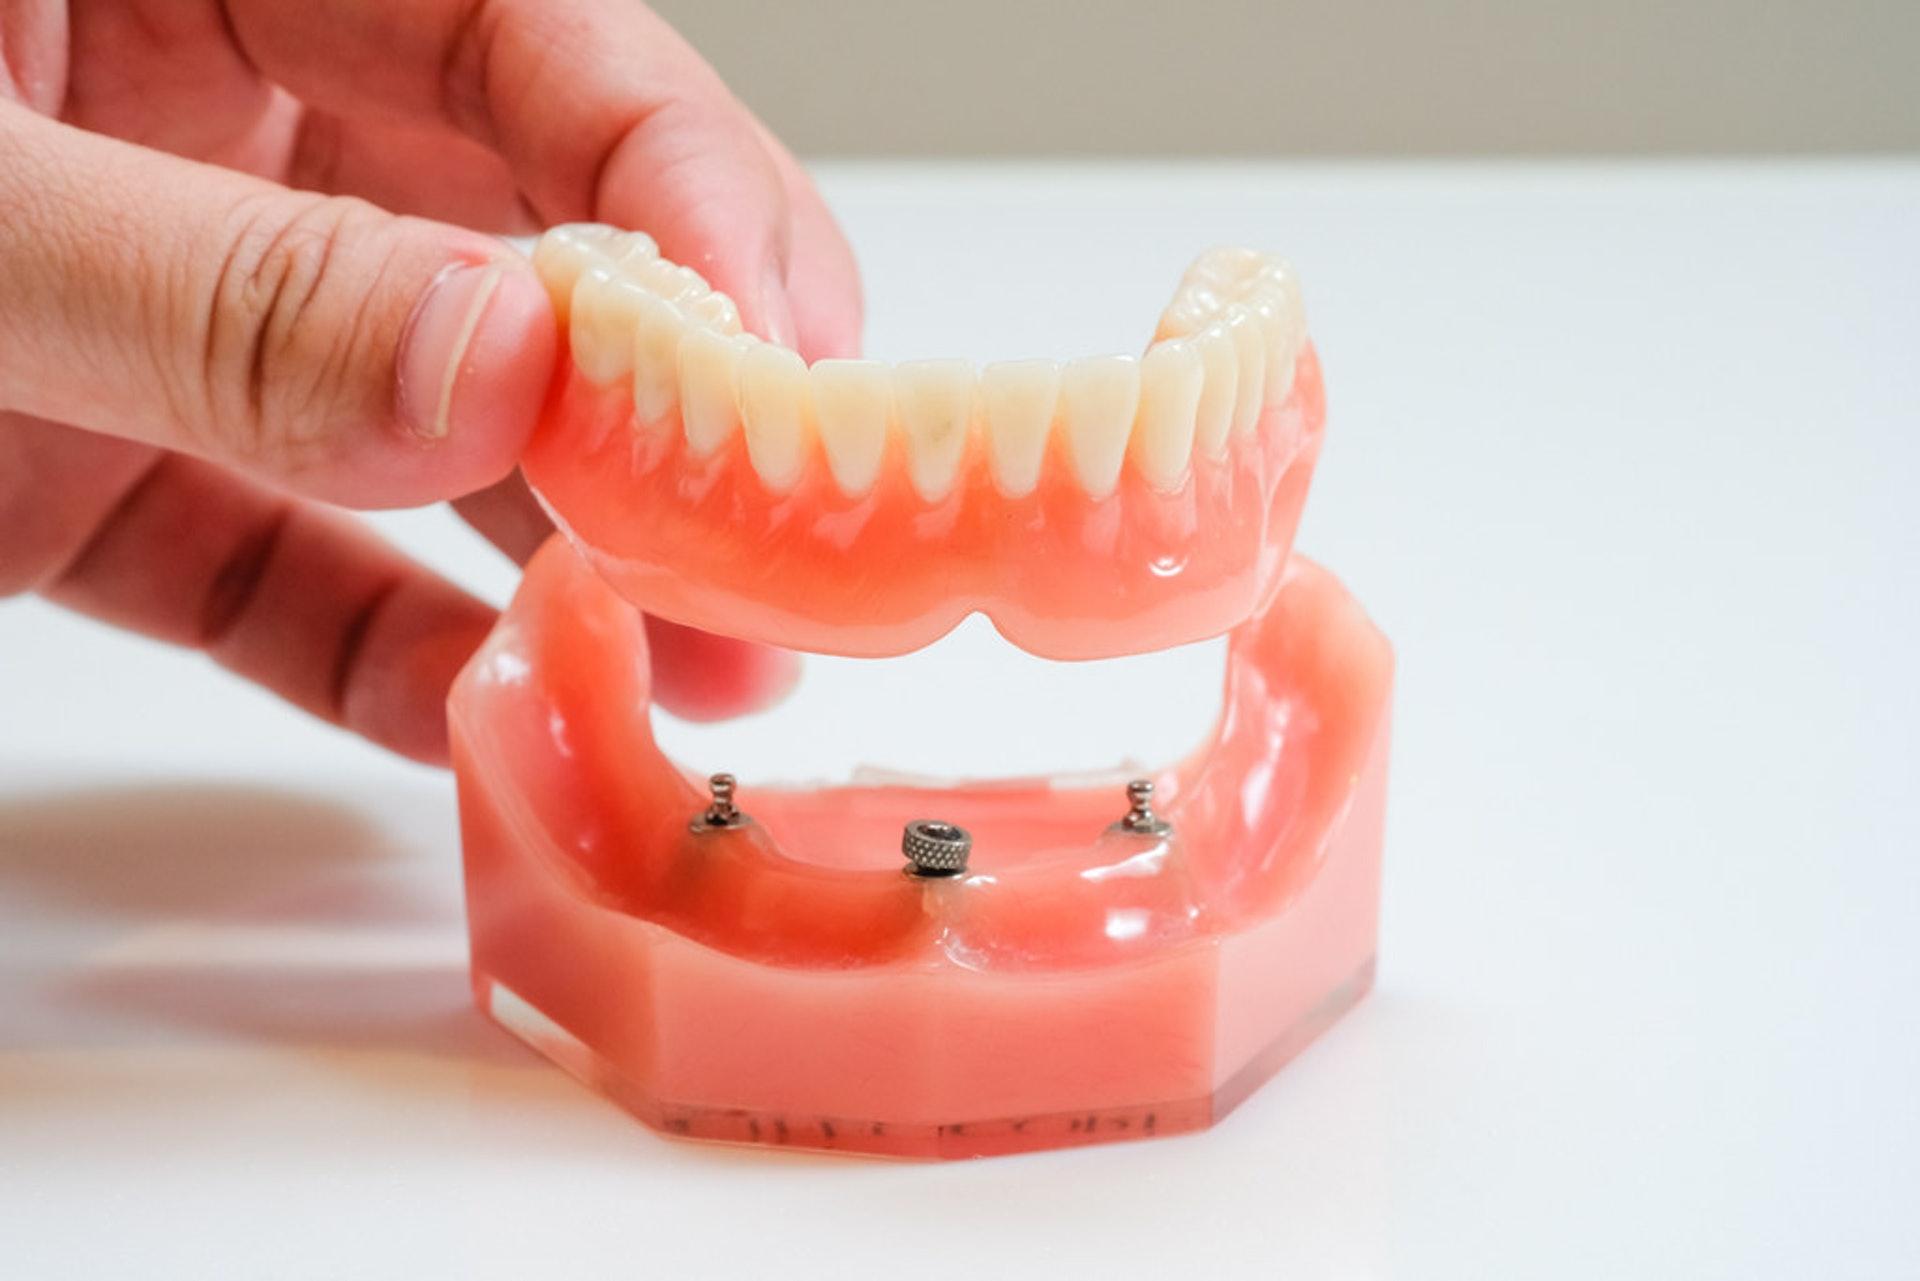 新式種牙技術會大大提升舒適度。主要是將螺絲植入牙槽骨,突出小部分用以固定假牙。上排牙齒會植入4至6粒螺絲,下排牙齒2至4粒。(圖片:flickr)